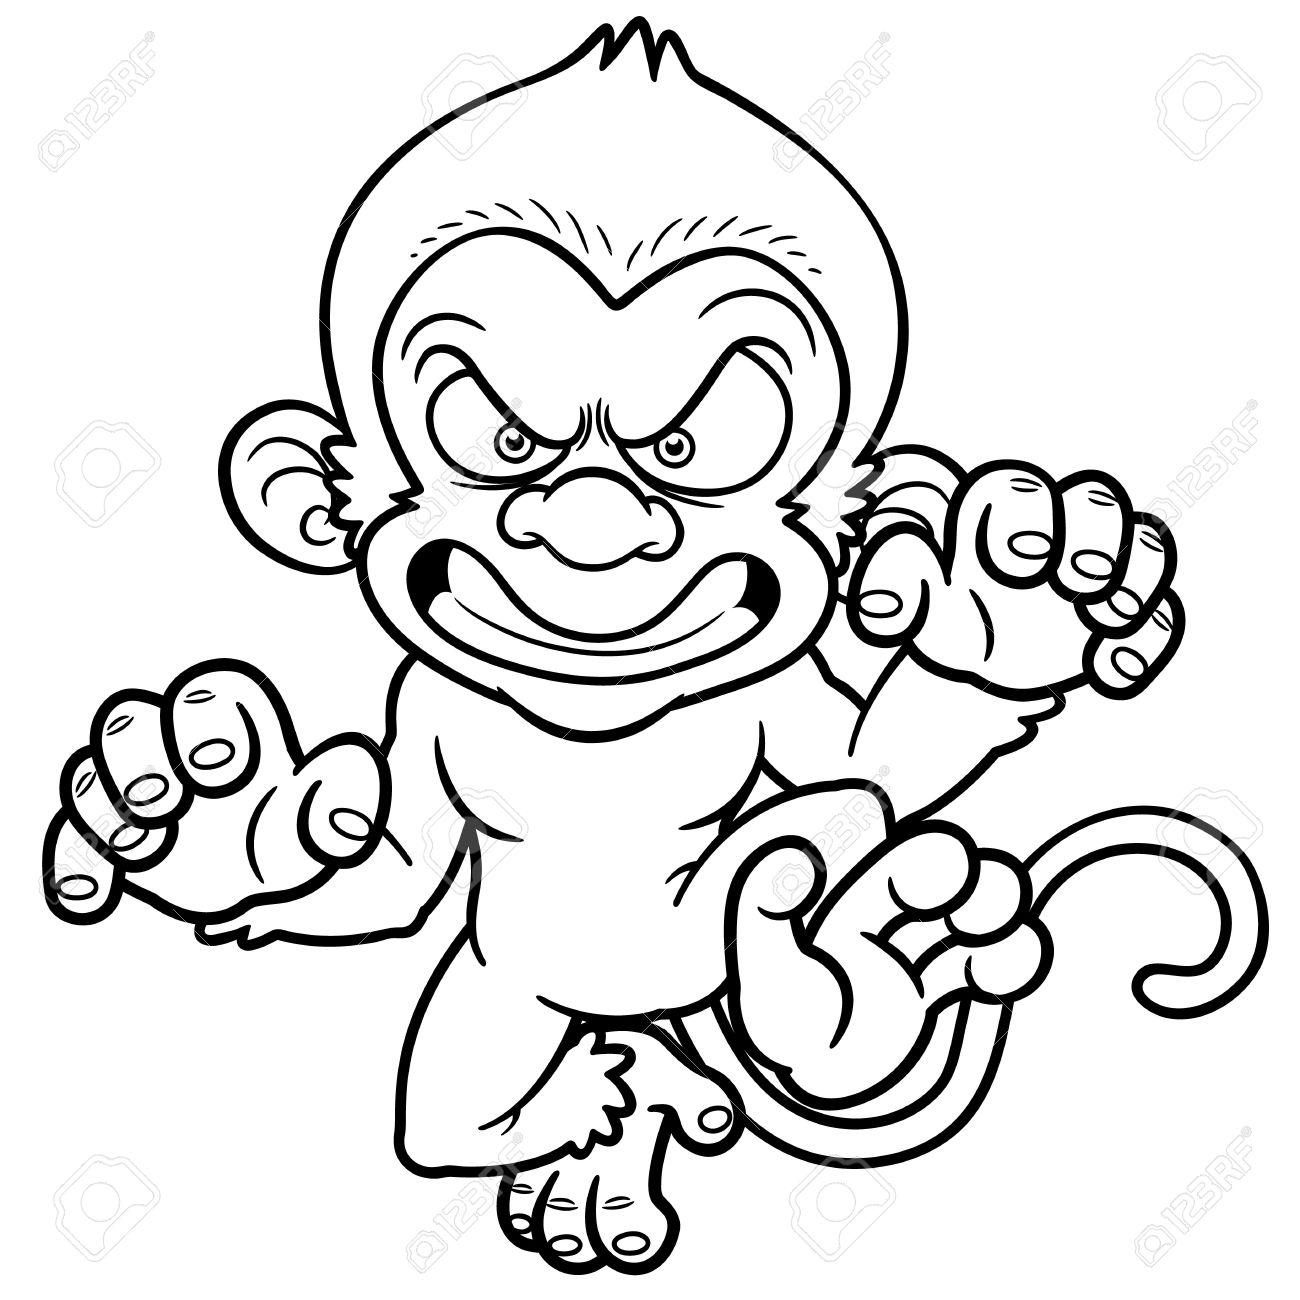 Vistoso Páginas Para Colorear De Monos Colección - Dibujos Para ...